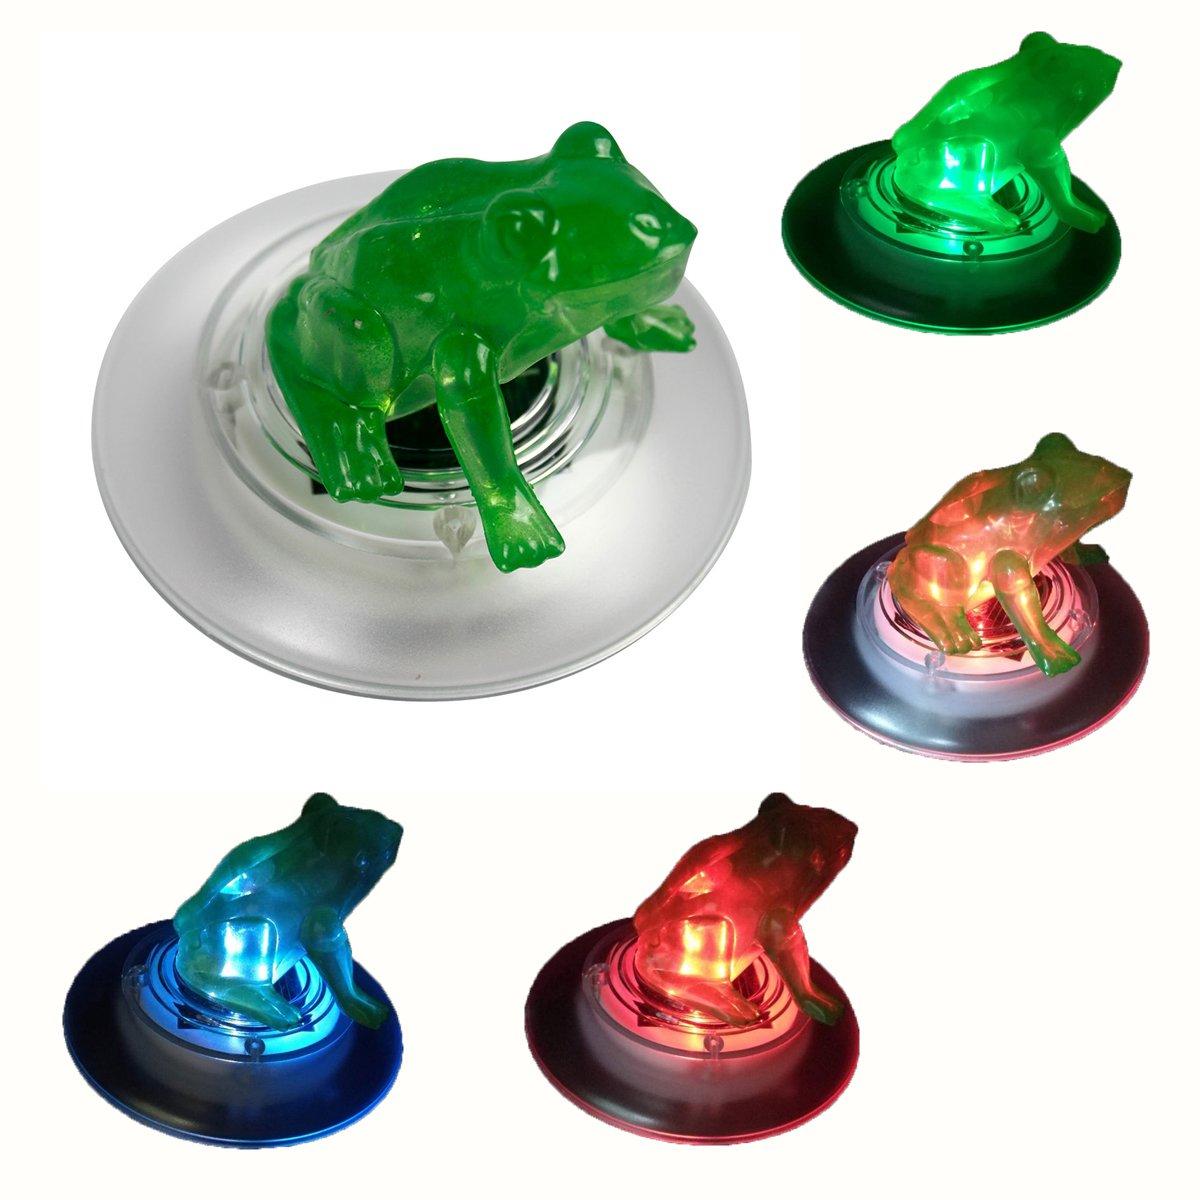 Obell 2-Pack Solar Floating Lights Outdoor LED Color Changing Garden lights Floating Pool Pond Lights Decoration (Frog-2pcs)